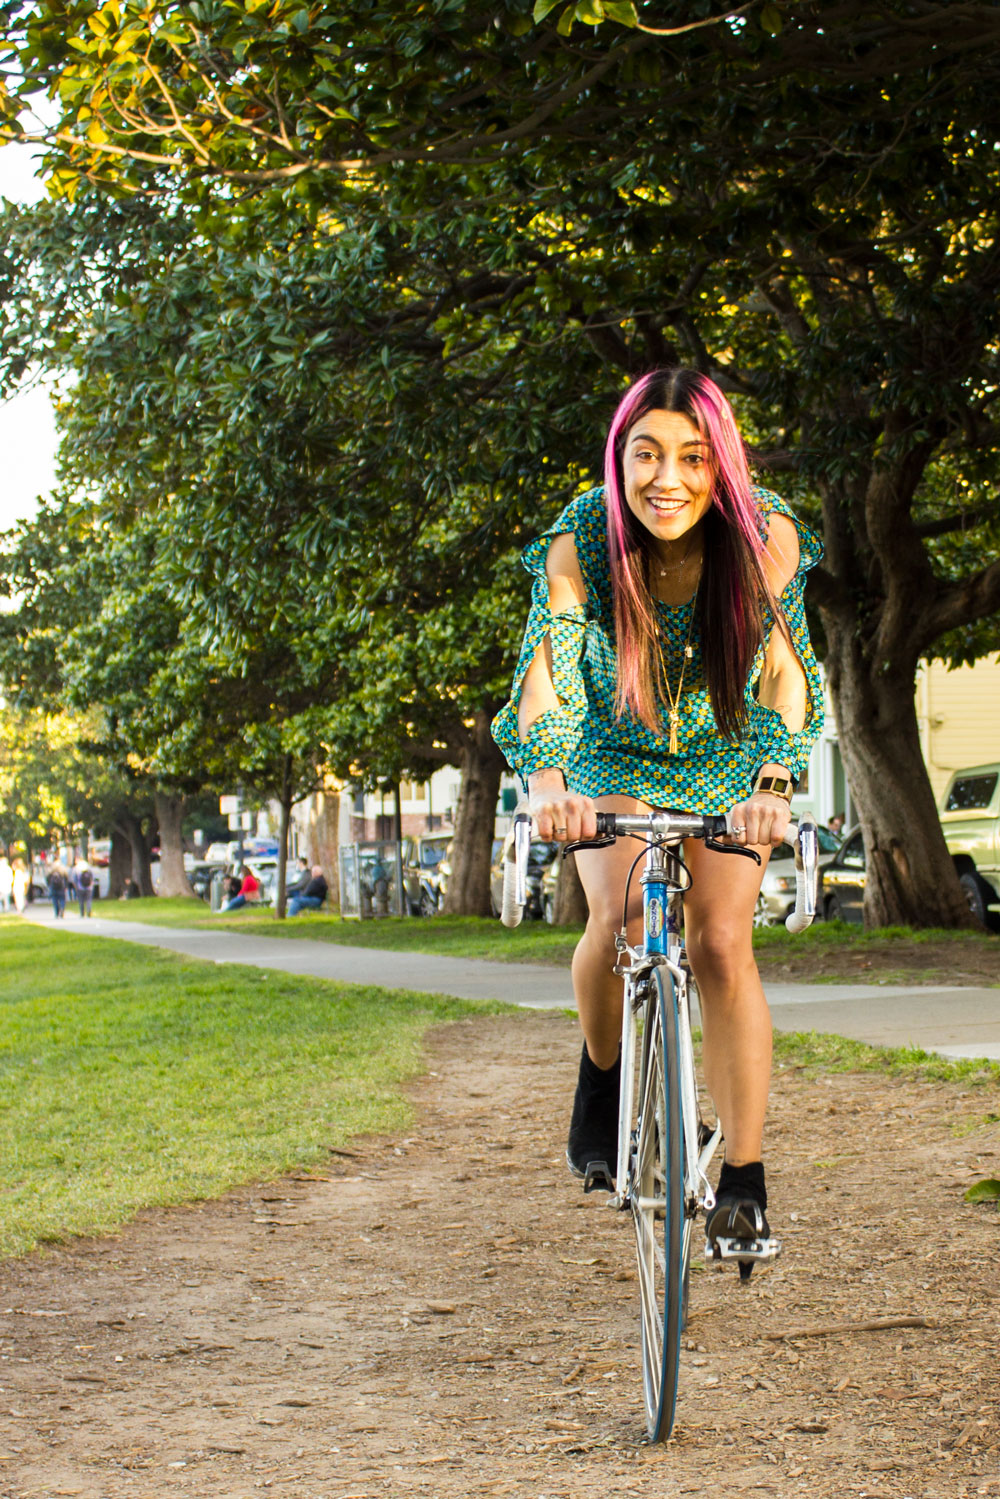 Elisa Rides her Bike